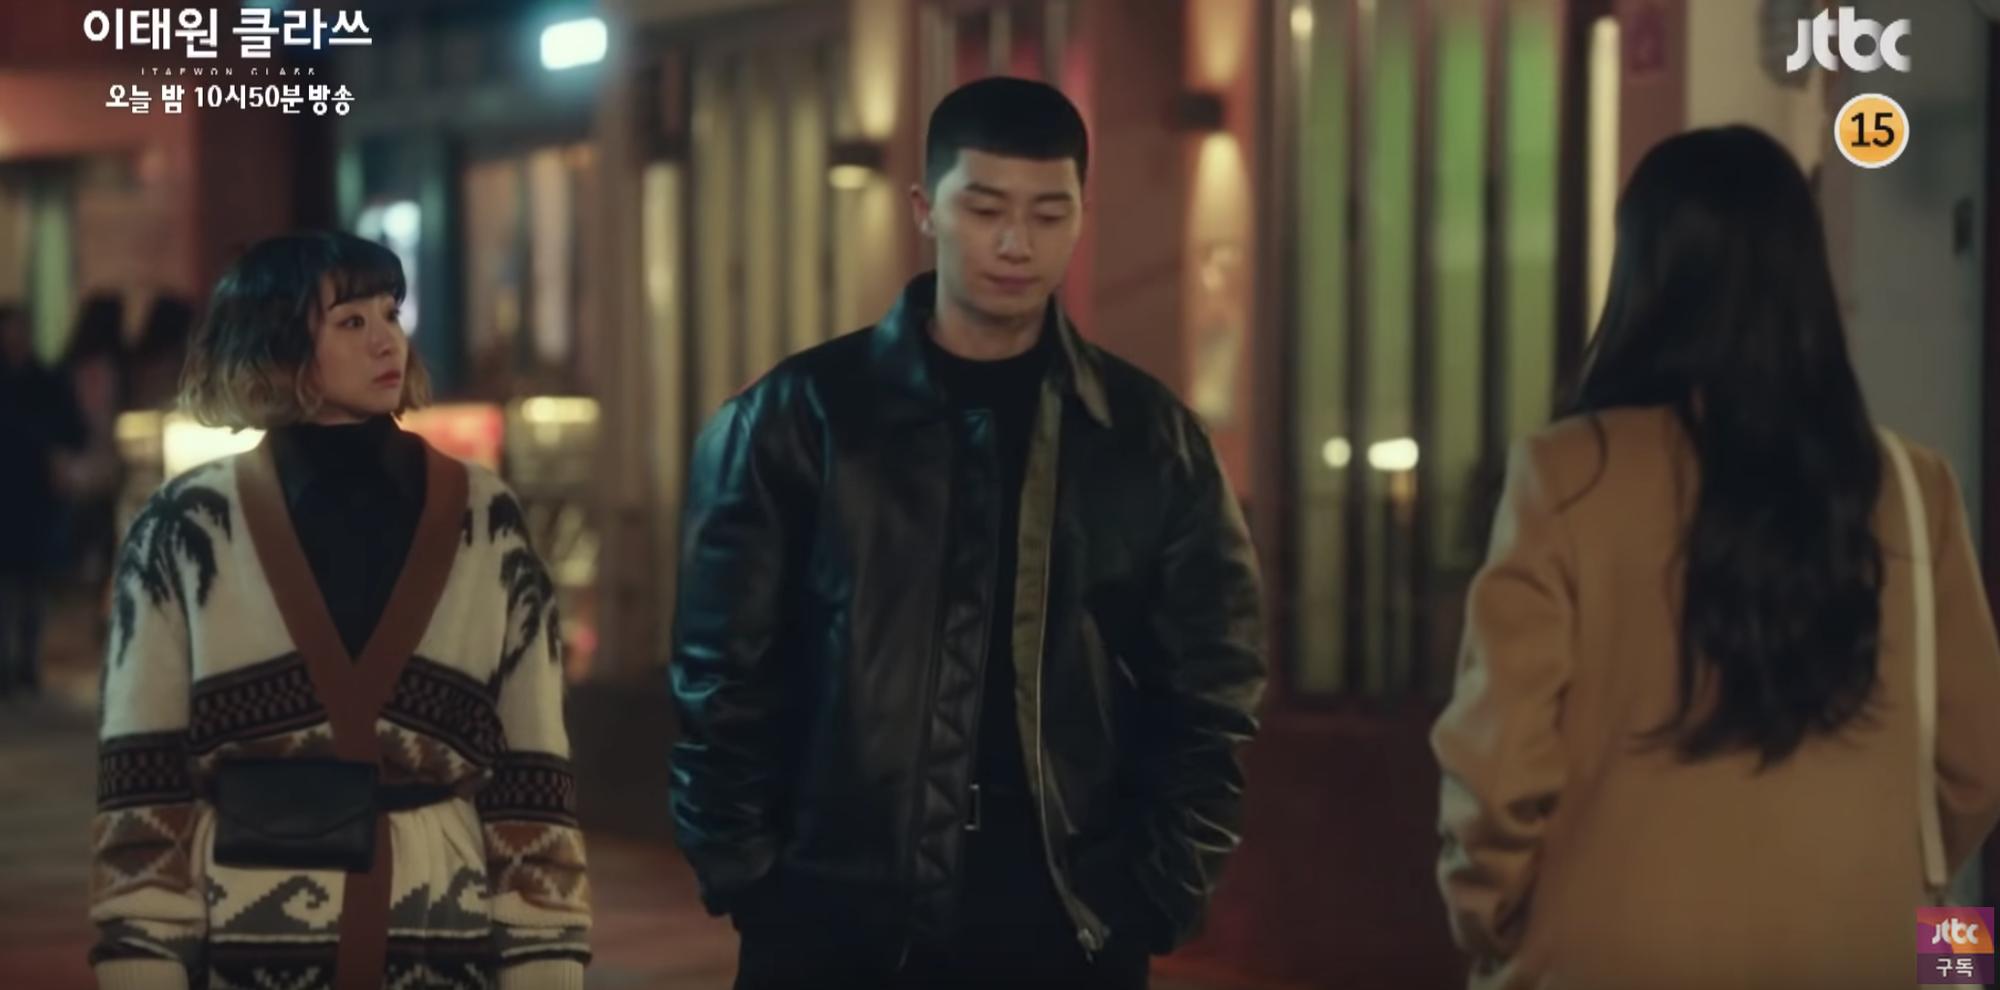 Preview Tầng Lớp Itaewon tập 6: Điên nữ nói thẳng thích Park Seo Joon, cảnh cáo sẽ huỷ hoại đời chị gái tình đầu - Ảnh 3.